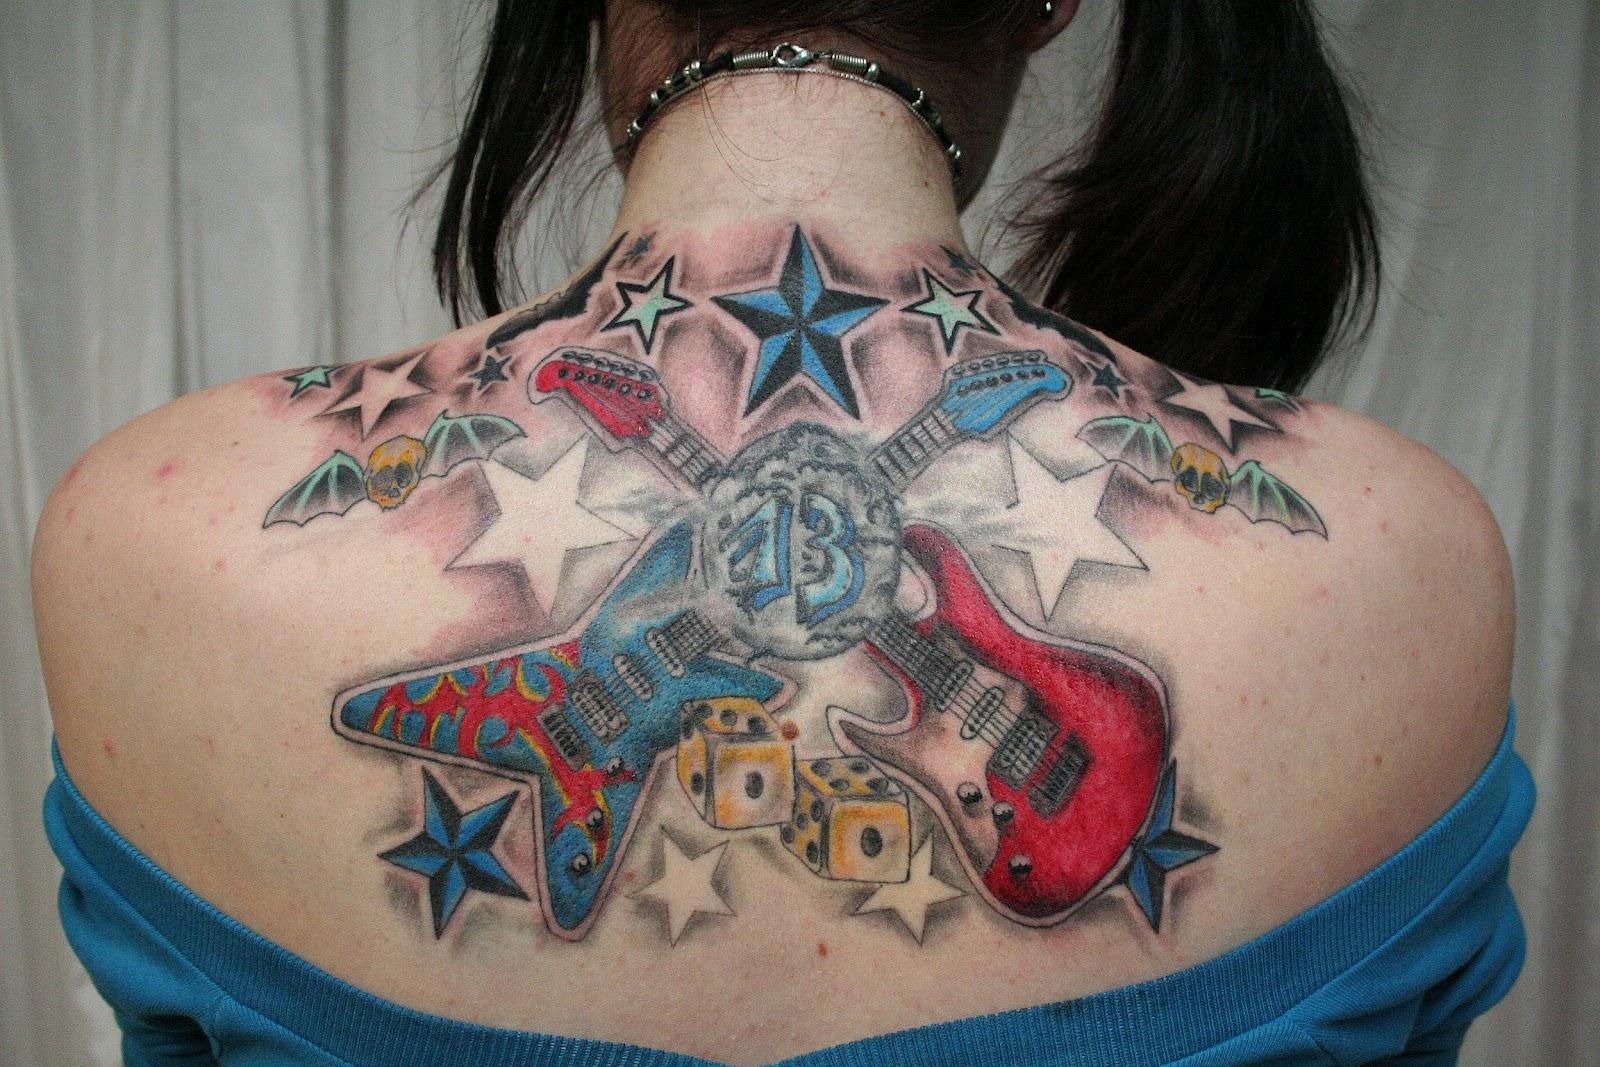 http://3.bp.blogspot.com/-W4tKrTY5IB4/UEd_Tr__NiI/AAAAAAAAAVI/XXMIoea8oC0/s1600/tattoos+for+girls-bodytribaltattoos.blogspot.com-New_School_Guitar_Stars_Tattoo_by_2Face_Tattoo.jpg